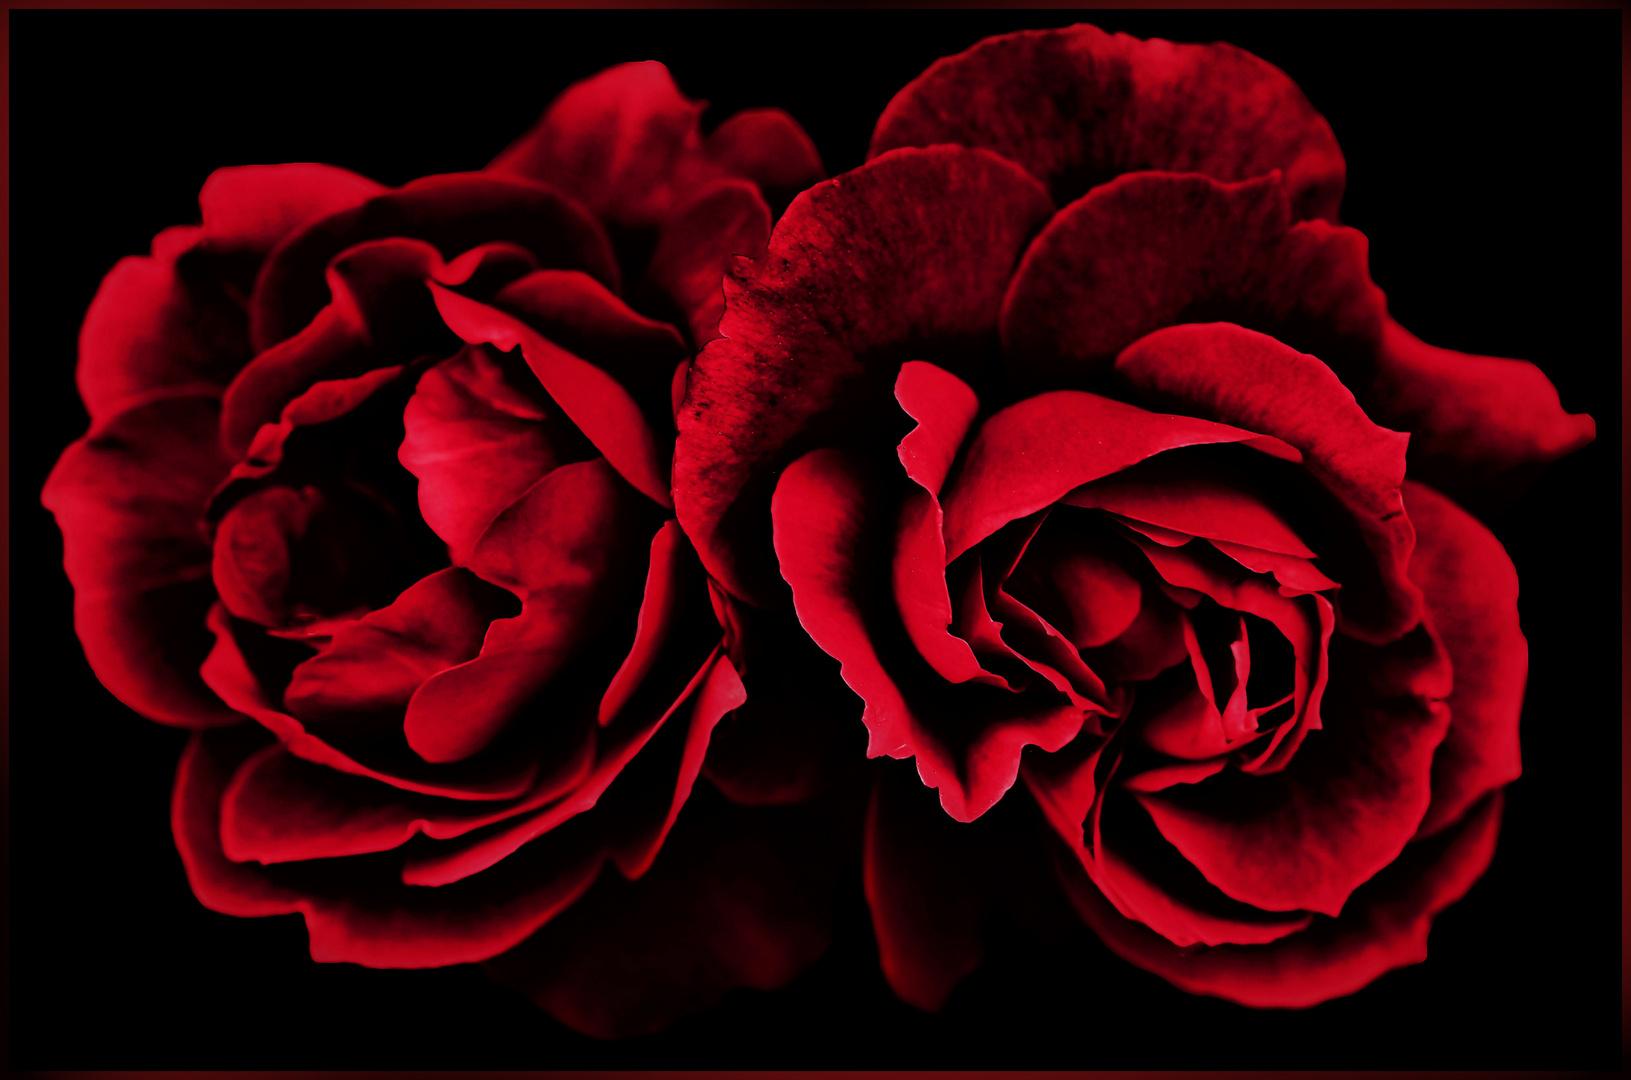 rouge sang et rouge  baiser de deux roses...